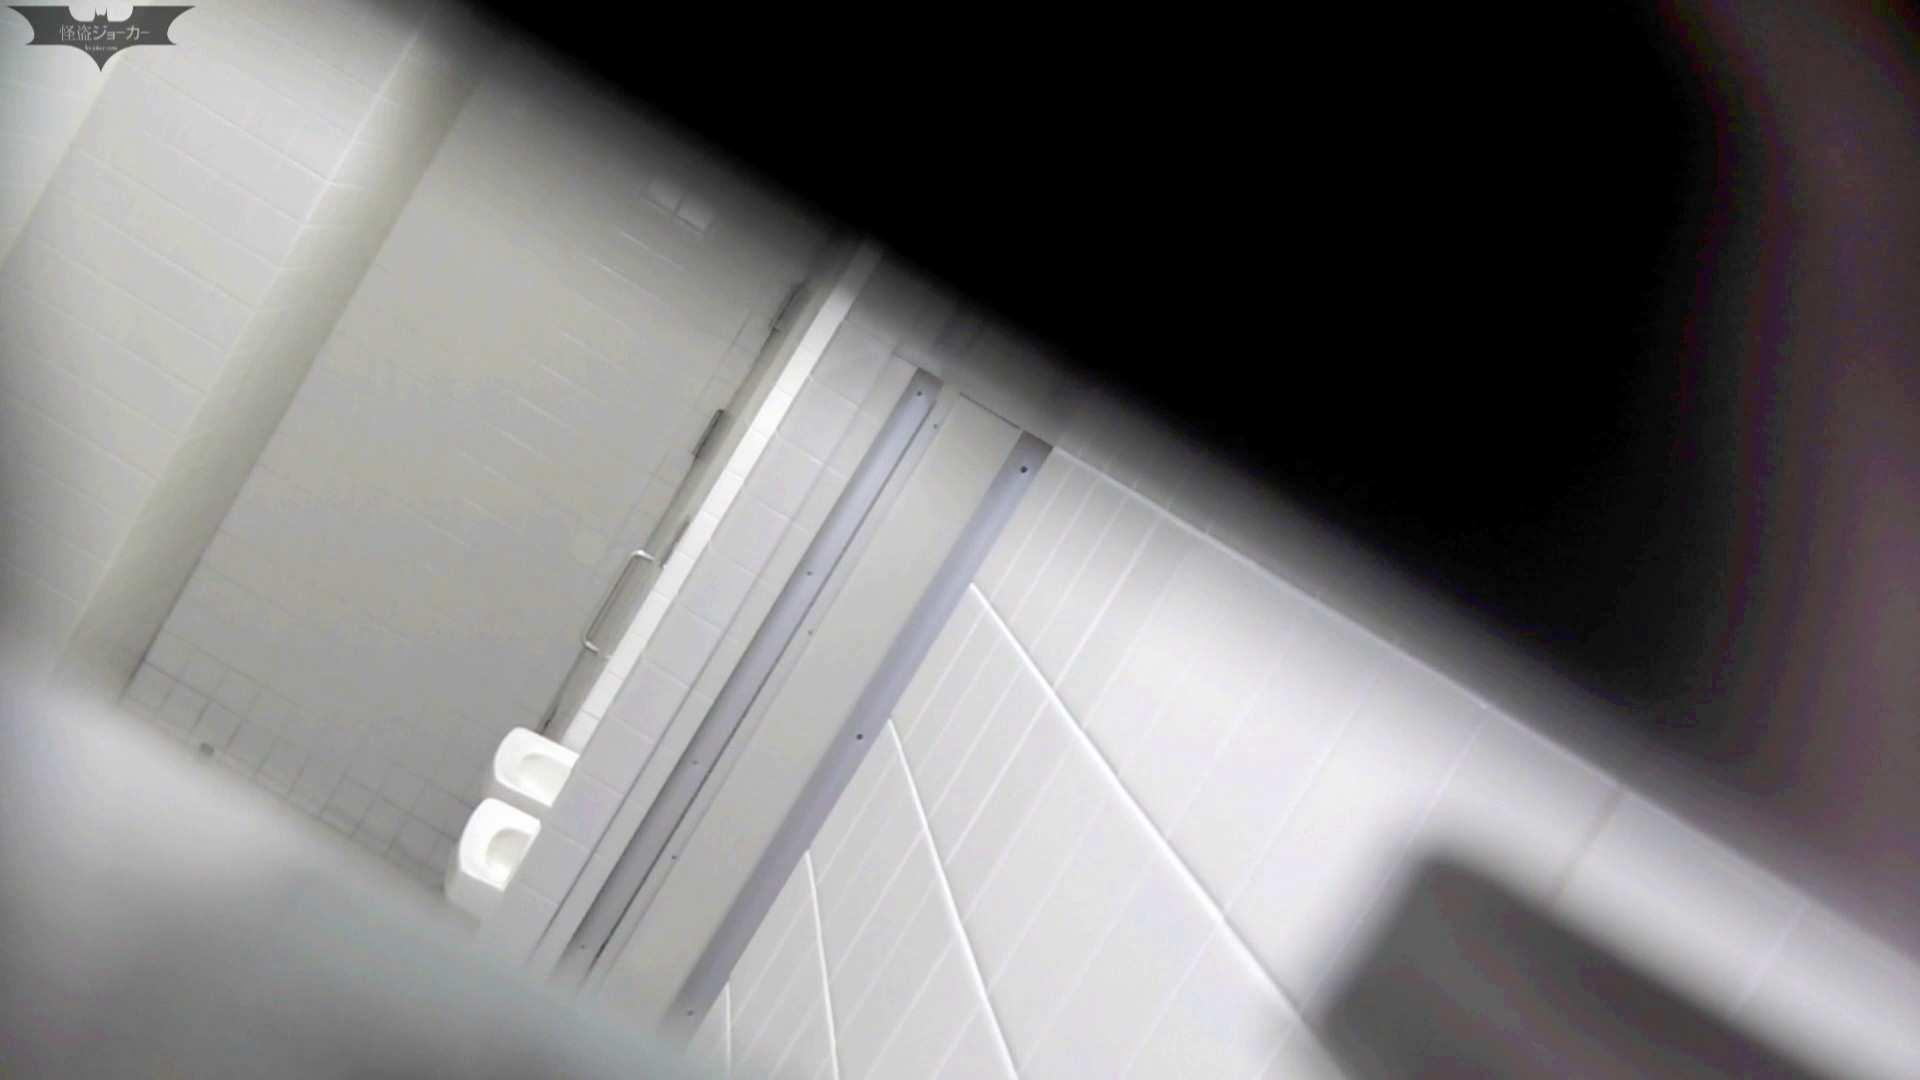 お銀 vol.68 無謀に通路に飛び出て一番明るいフロント撮り実現、見所満載 高画質  60PIX 41